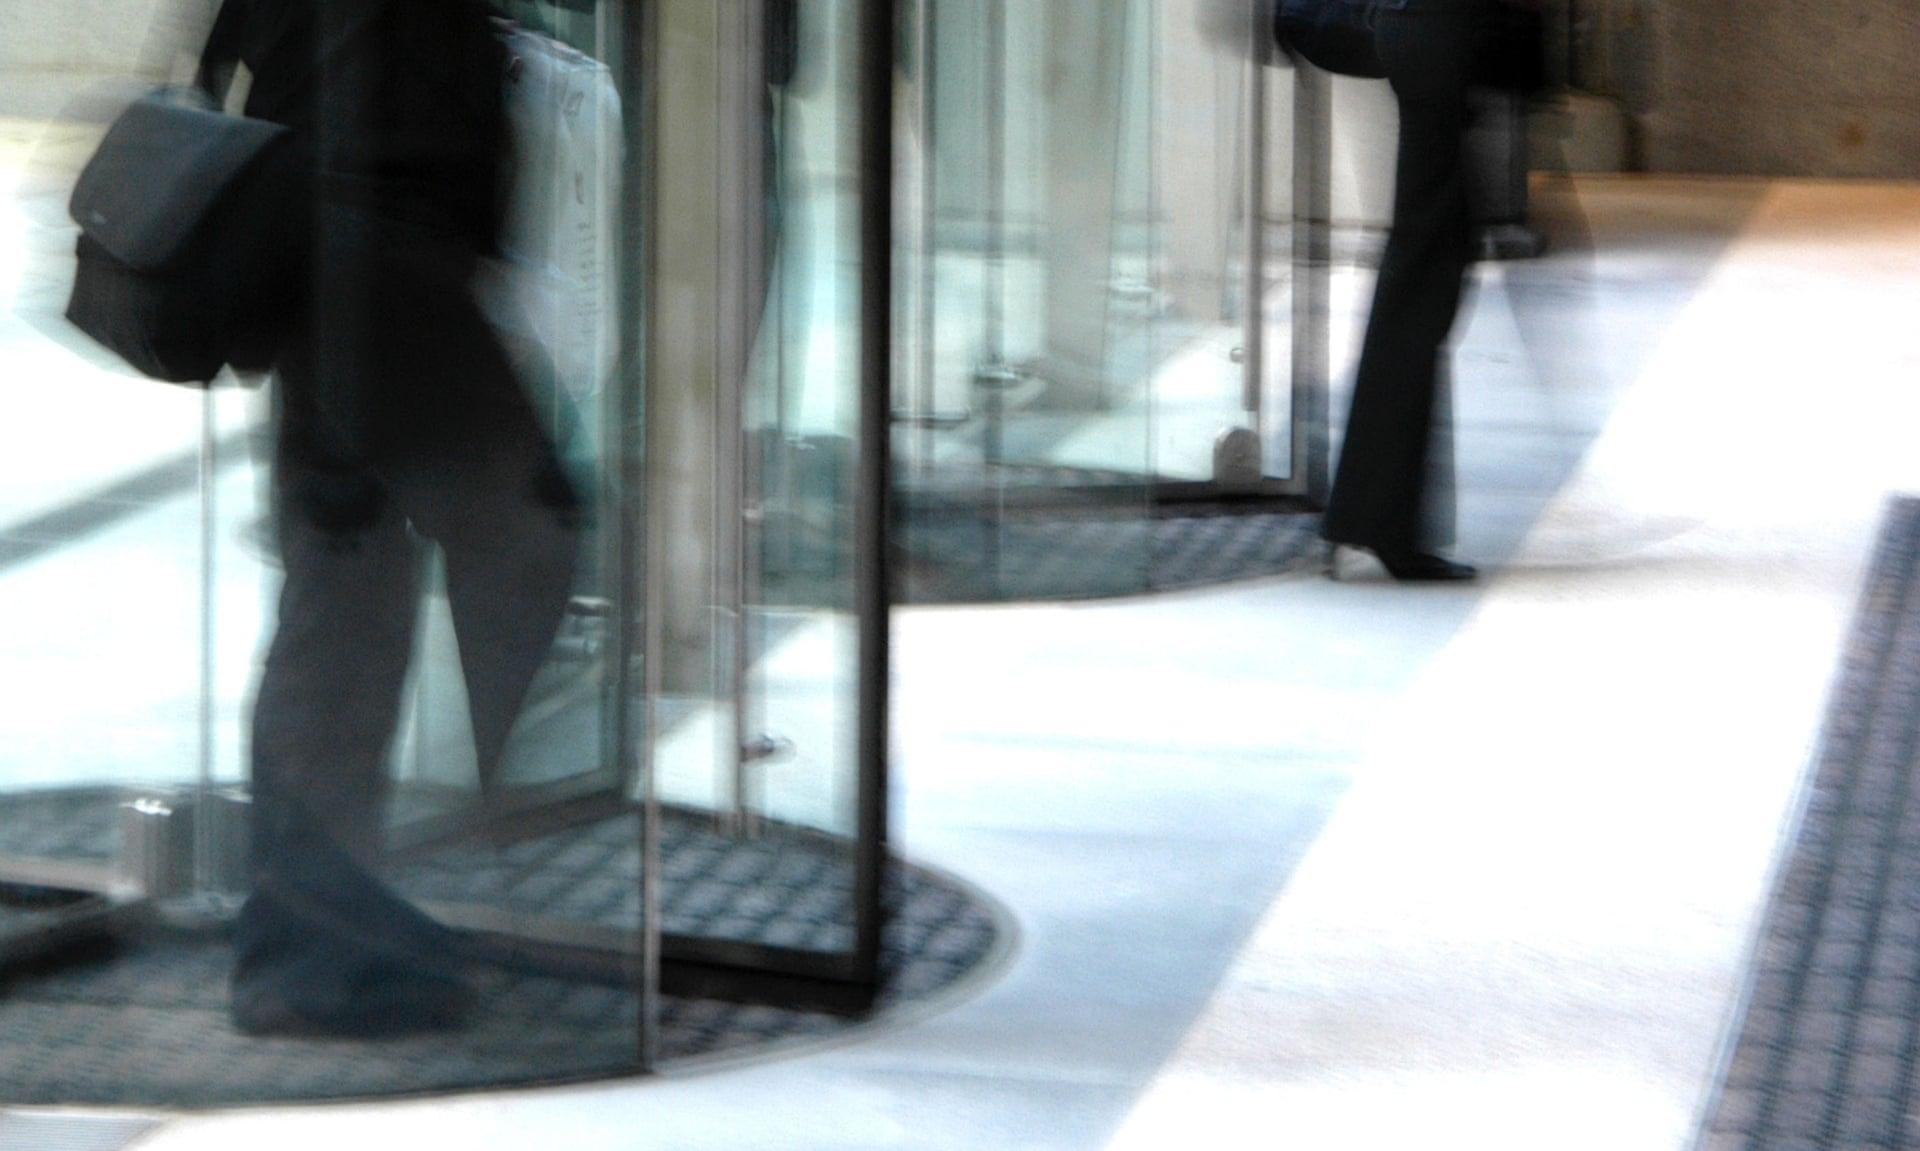 Puertas giratorias en un edificio de oficinas en Strand, Londres. Fotografía: Colin Walton / Alamy